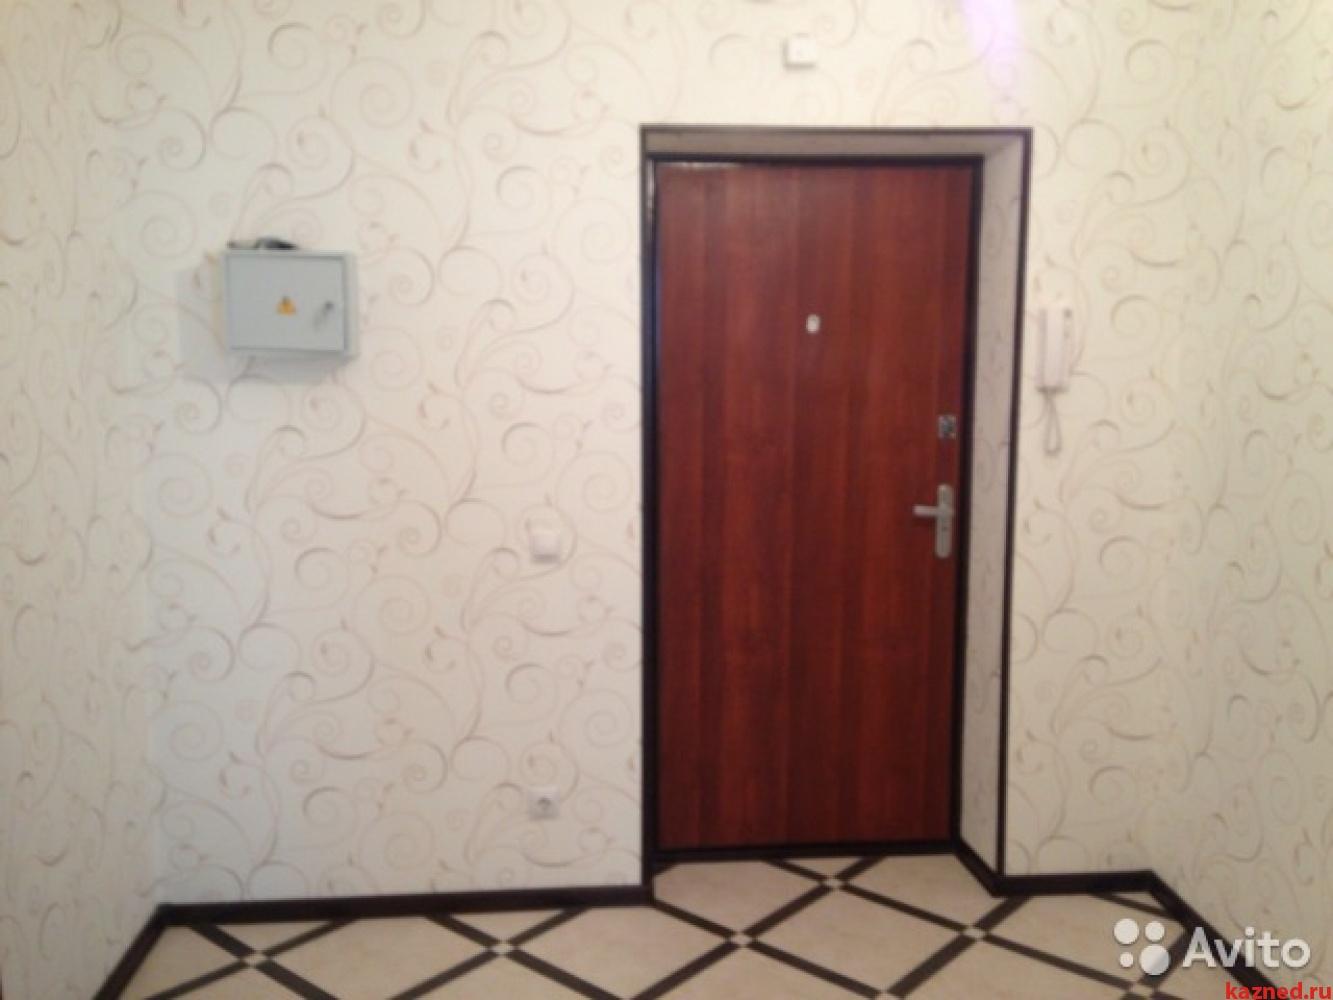 Продажа 1-к квартиры Космонавтов 61 в, 31 м²  (миниатюра №3)